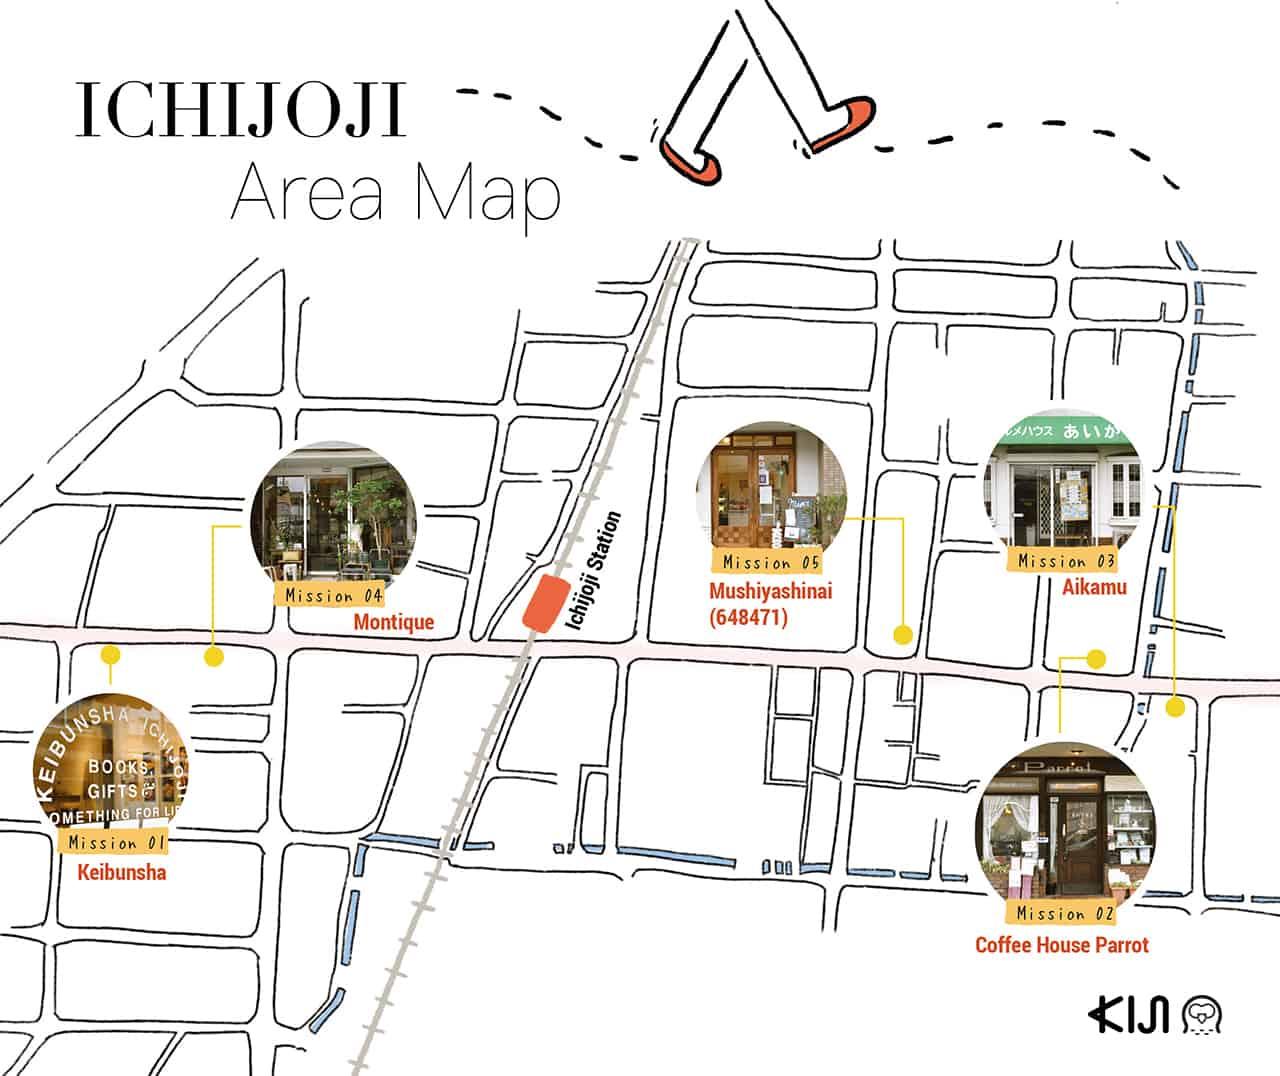 แผนที่การเดินทางไปร้านต่างๆ ภายในย่านอิชิโจจิ (Ichijoji Area Map)